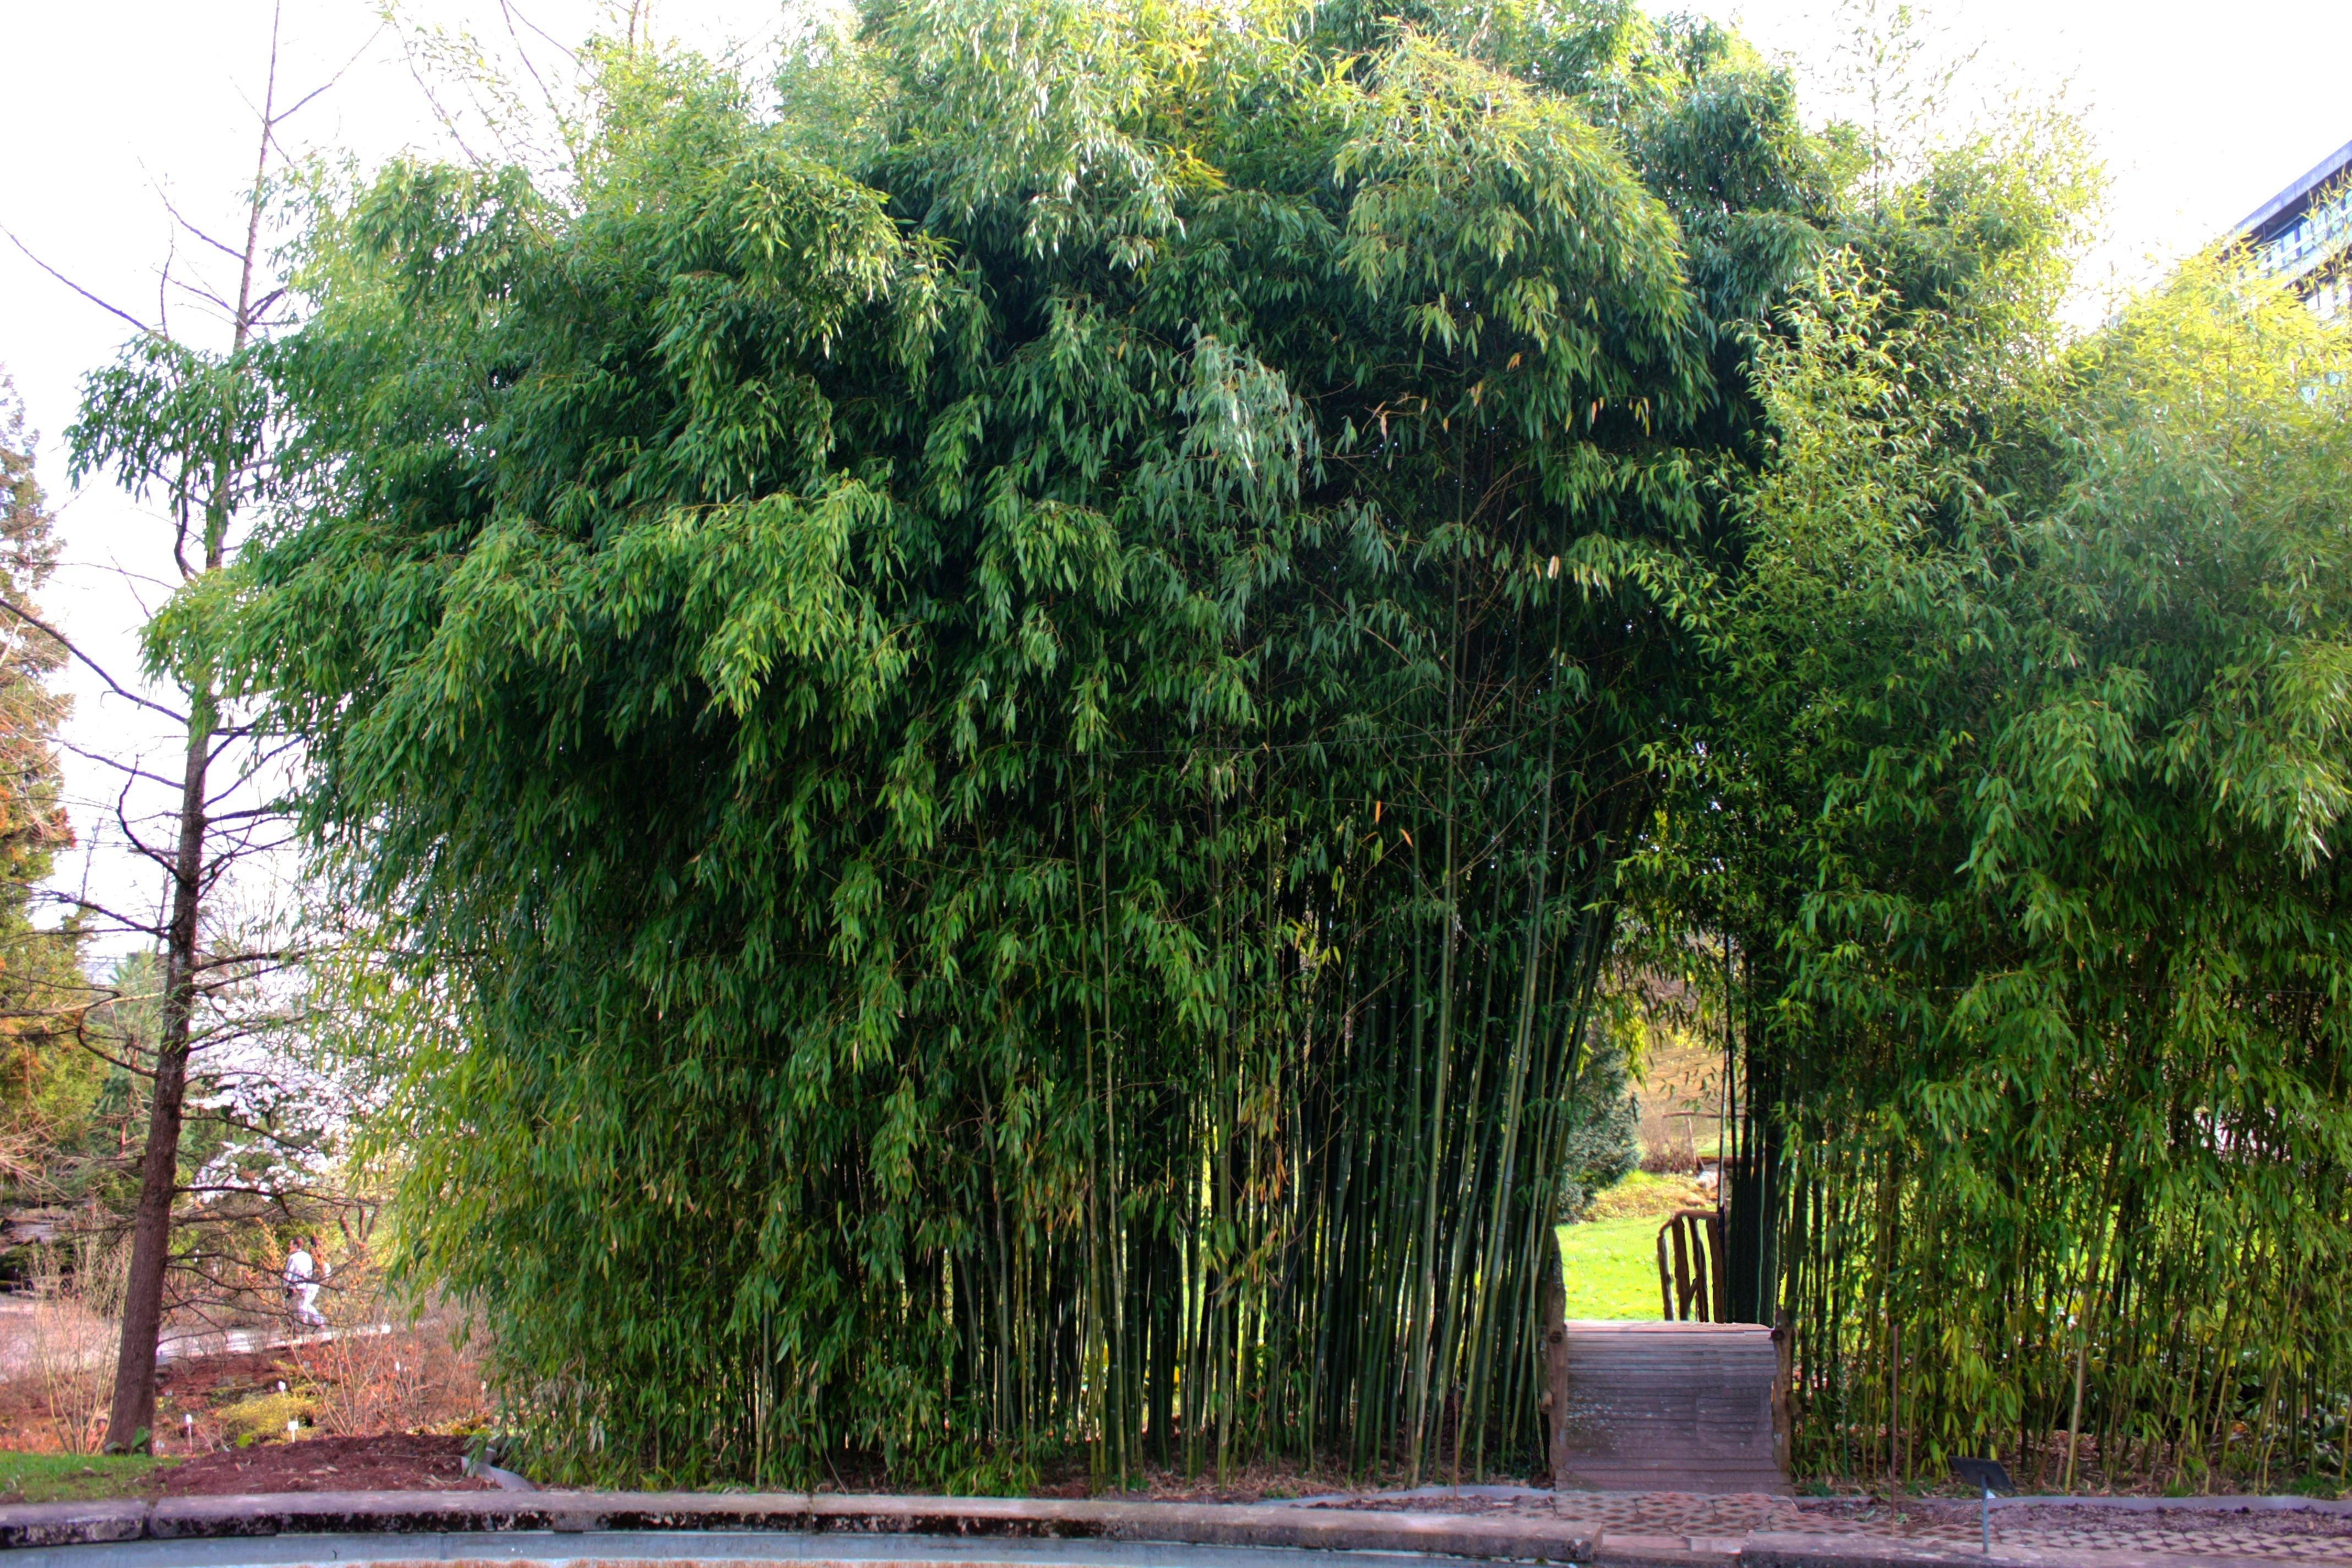 Bambus Richtig Pflanzen Sichtschutz Pflanzen Die Grune Wand 11880